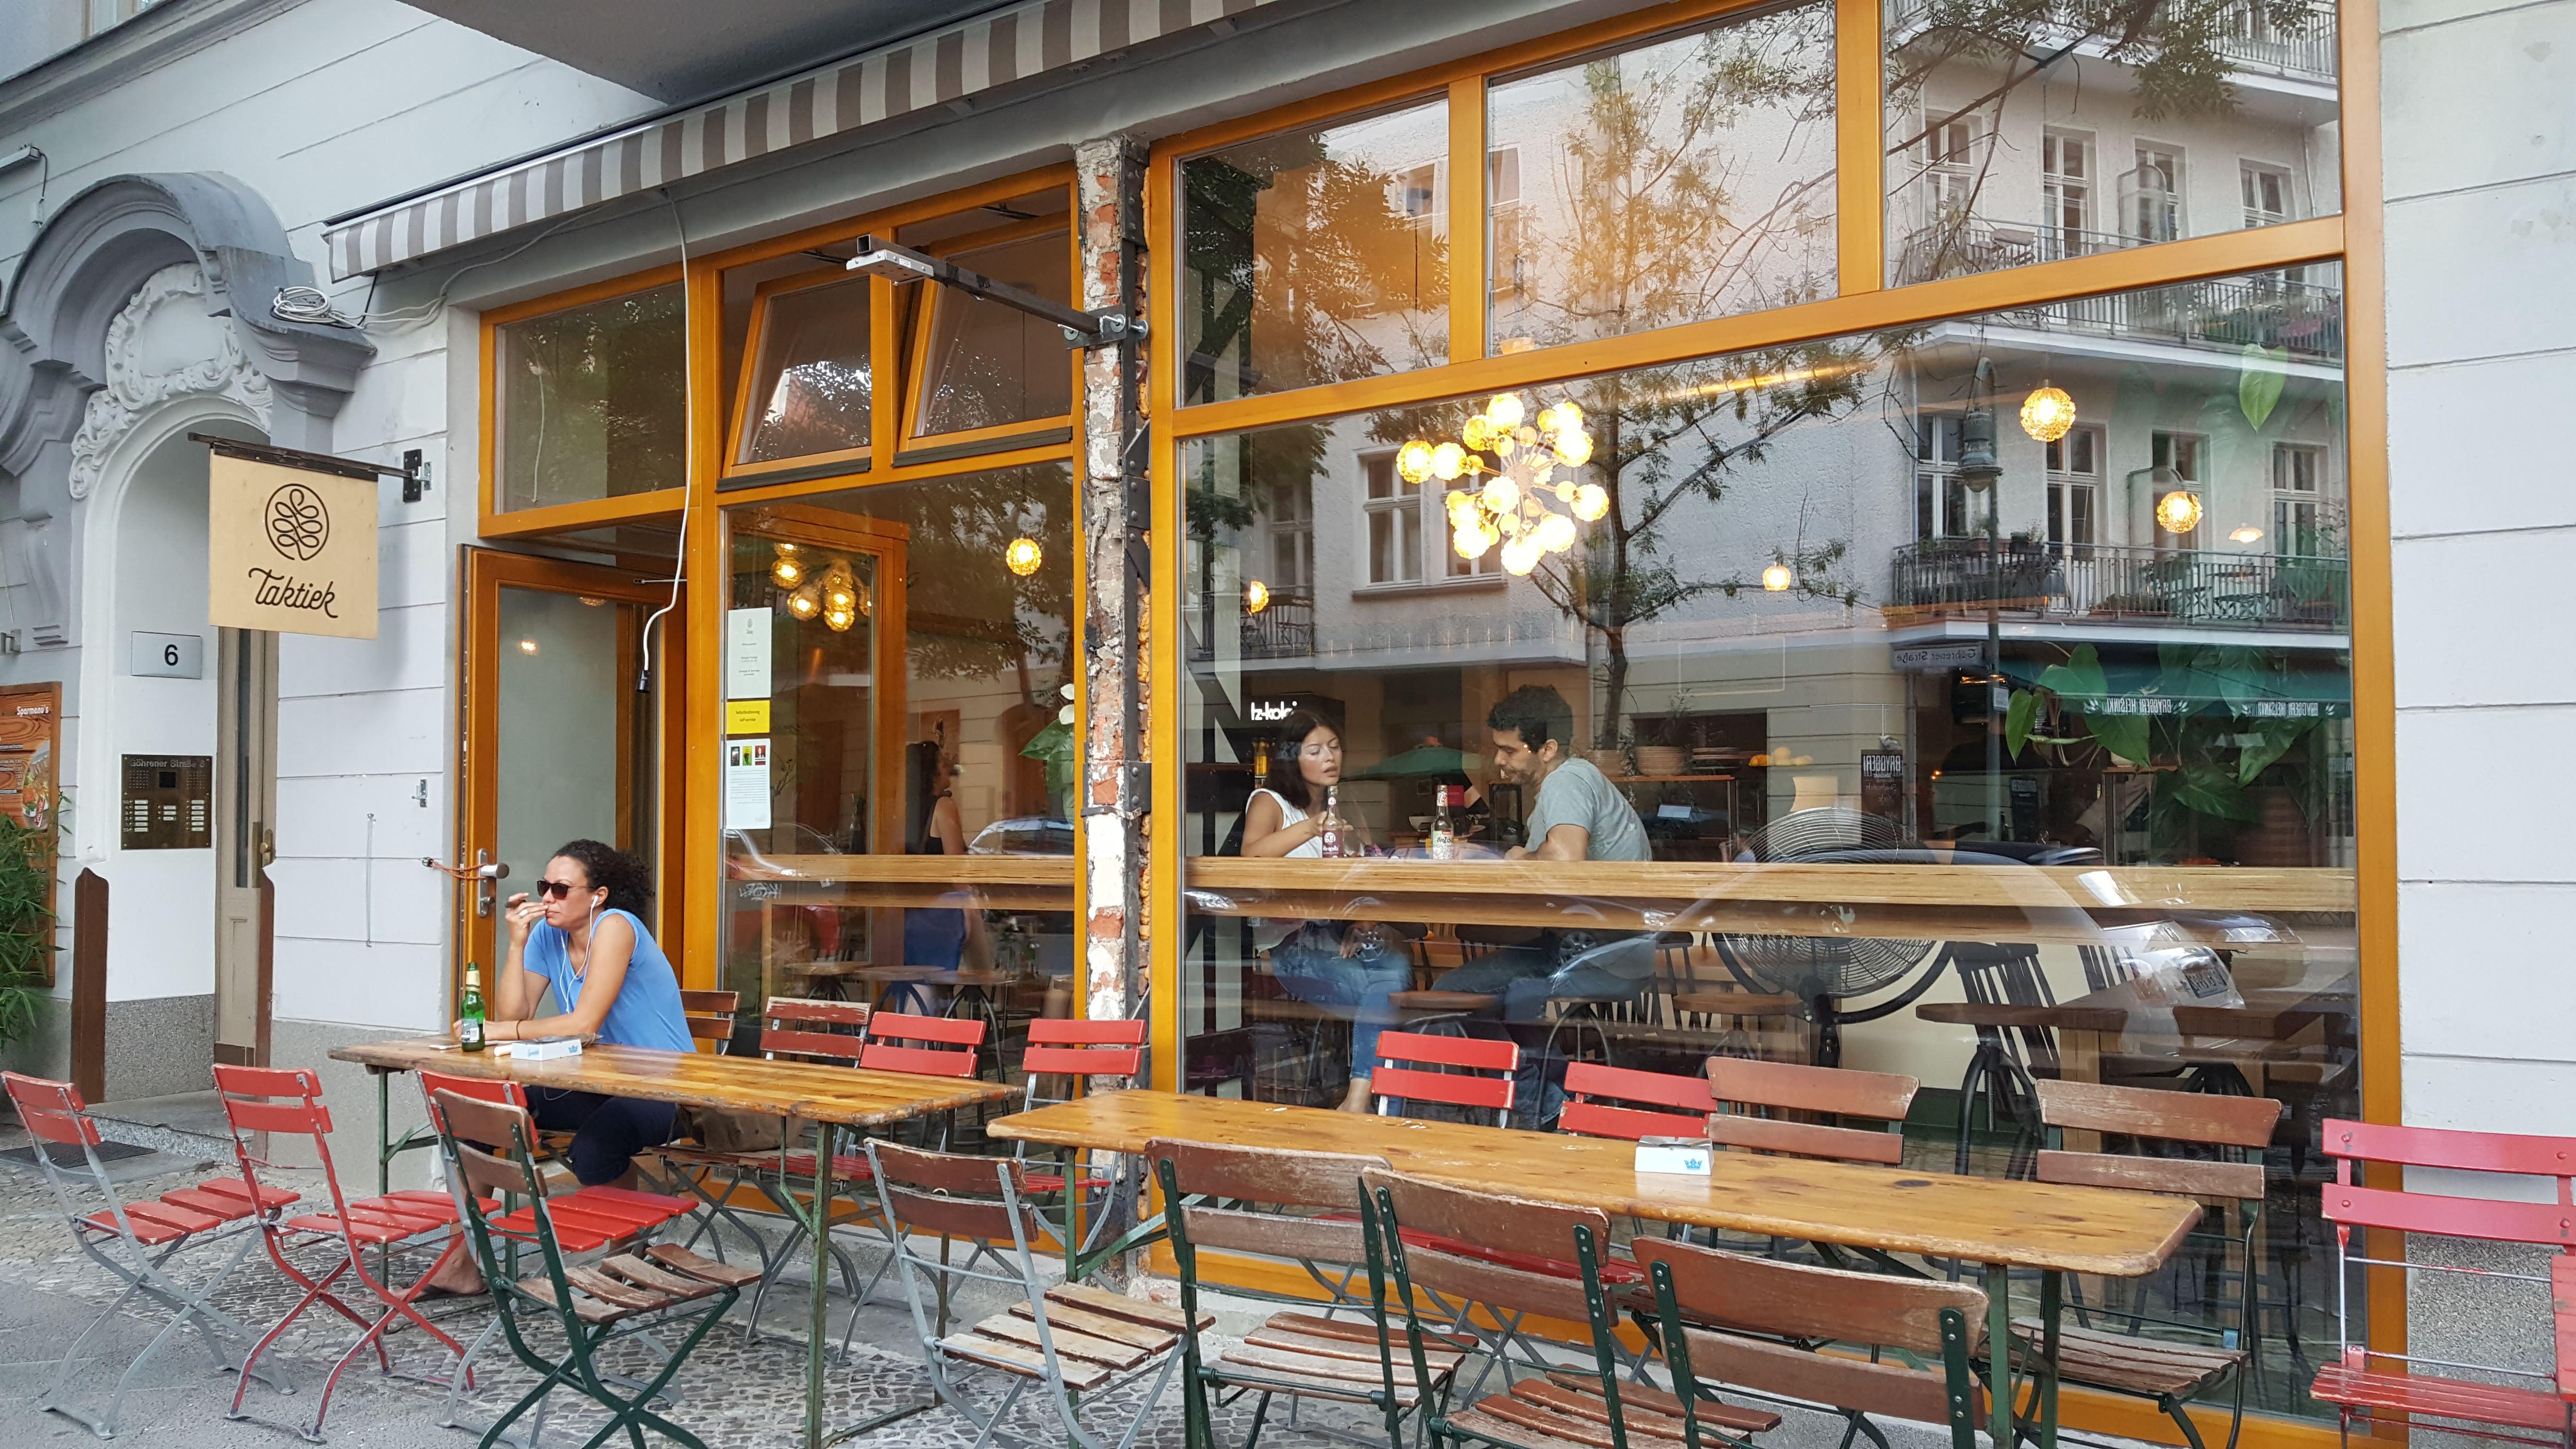 Außenansicht, Taktiek, Berlin